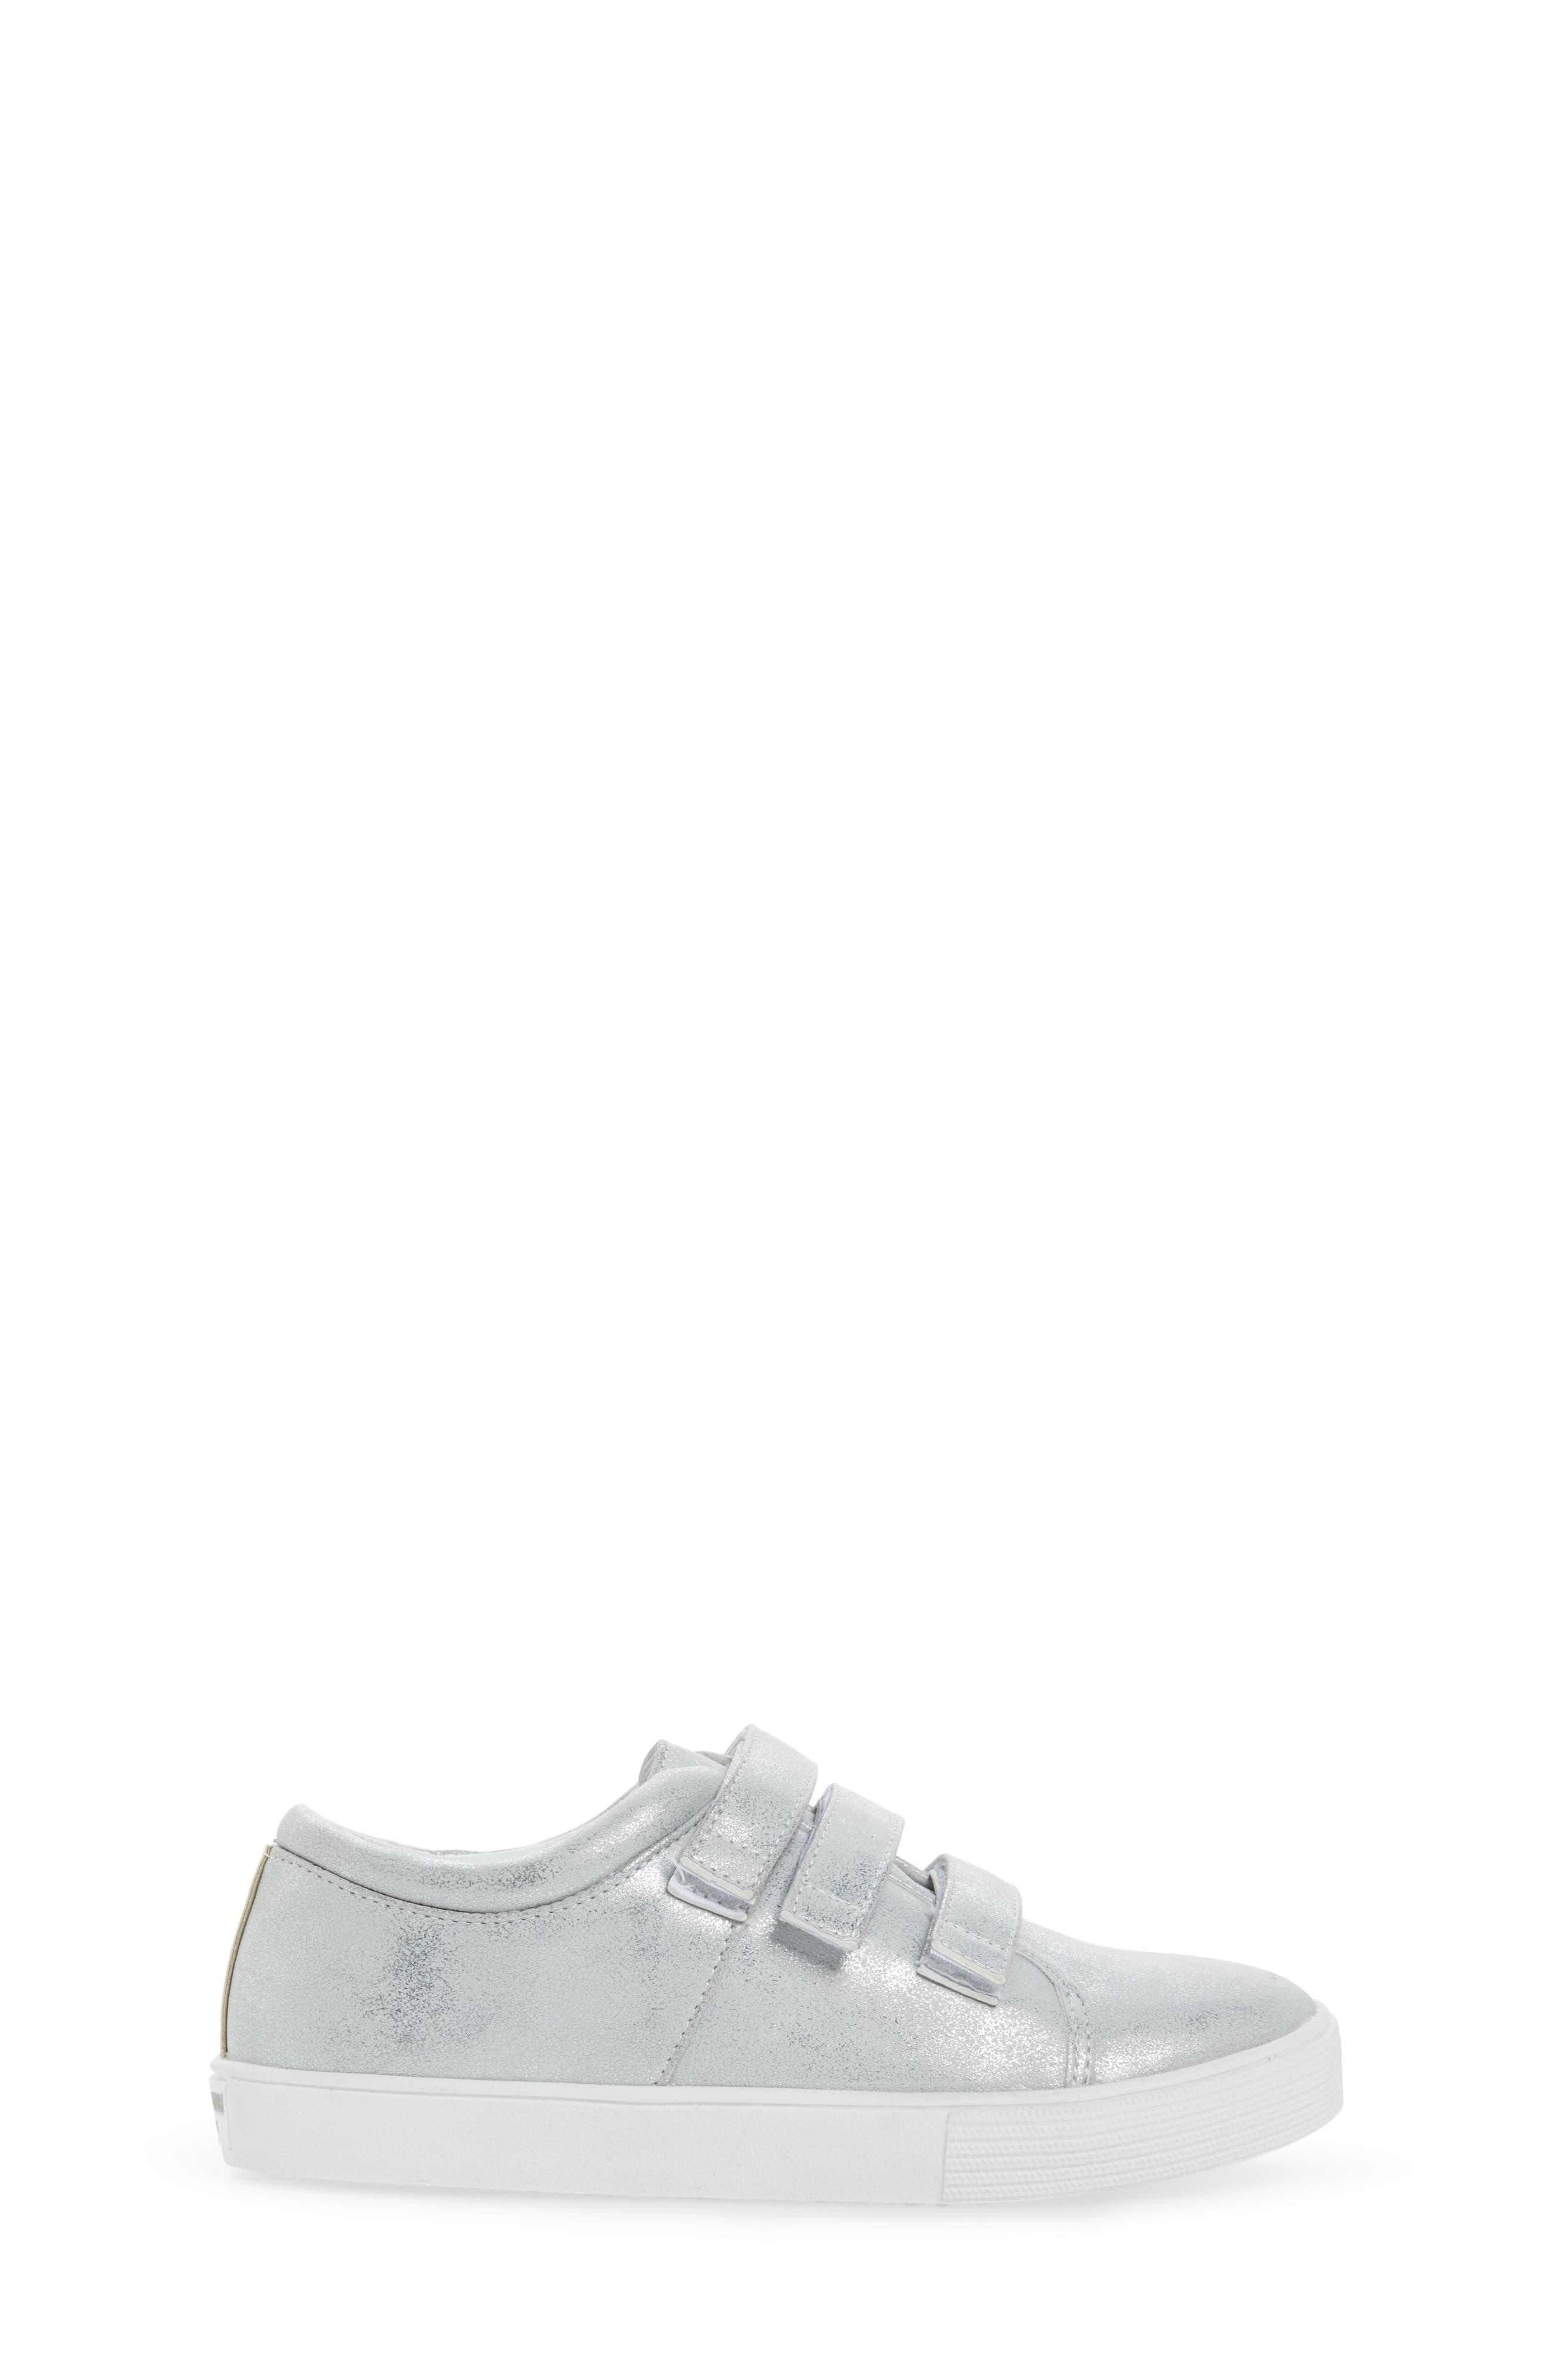 Alternate Image 3  - Kenneth Cole New York Kam Glitter Strap Sneaker (Toddler, Little Kid & Big Kid)